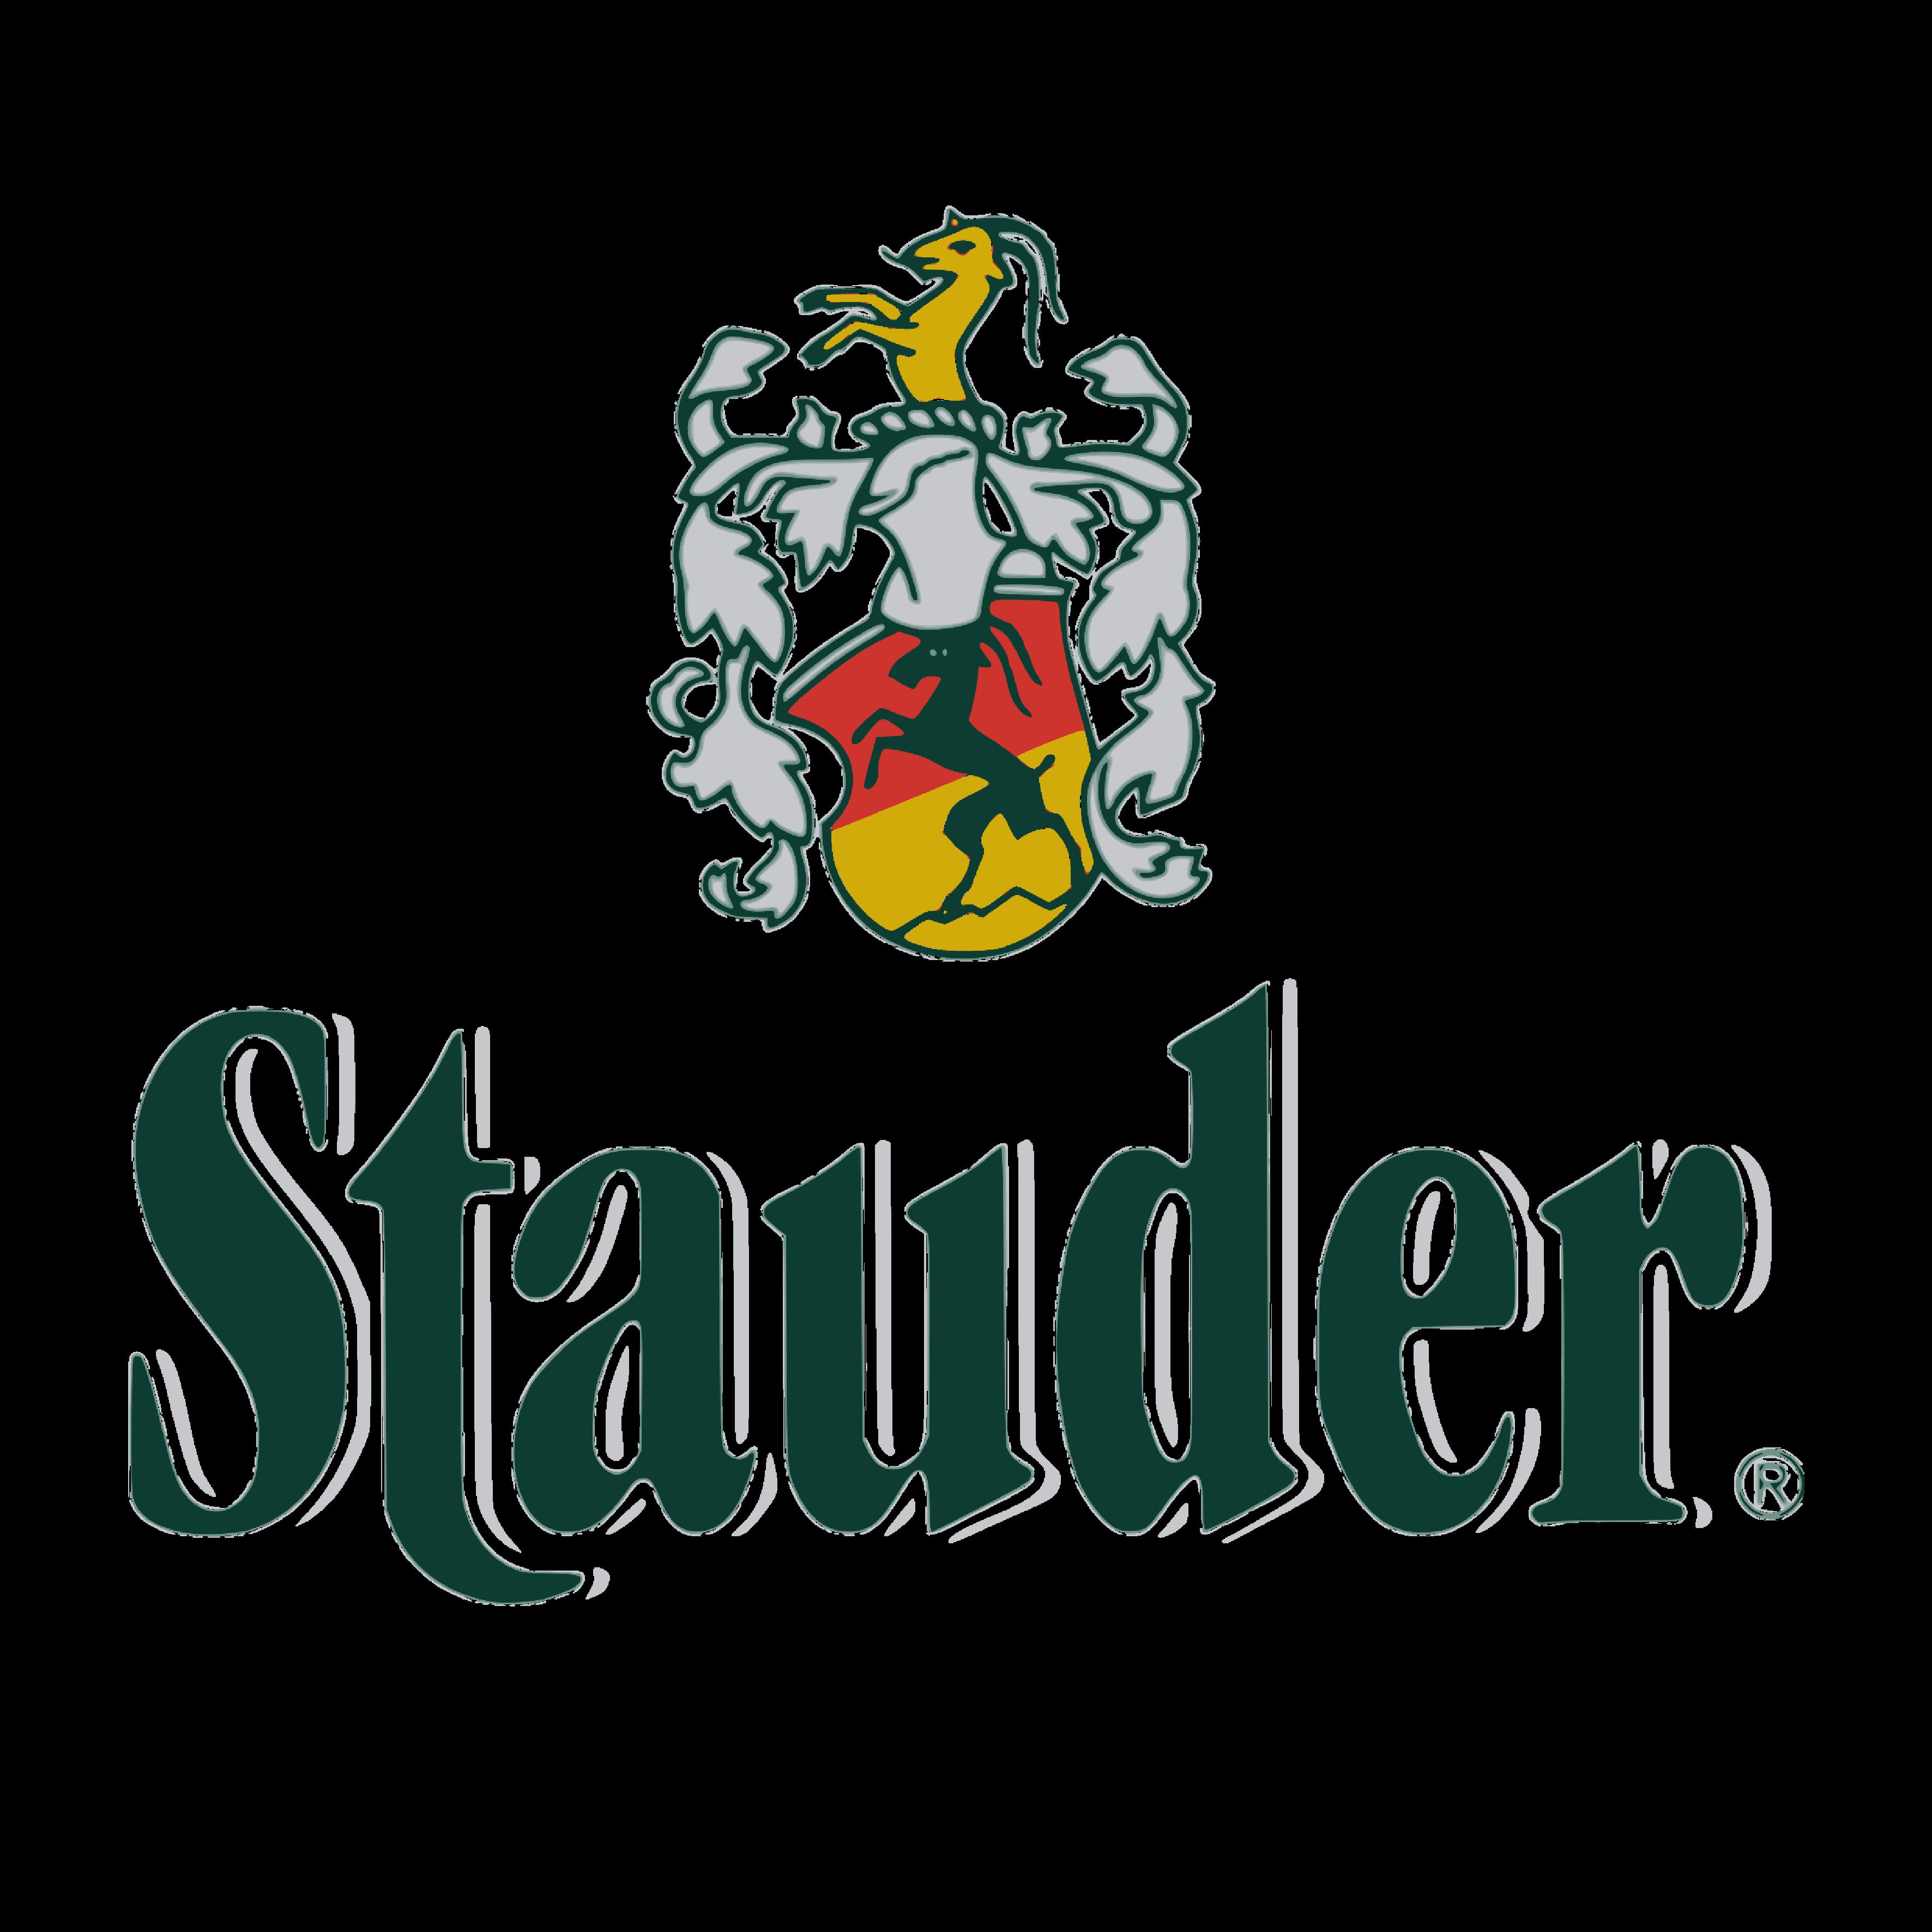 Stauder Brauerei Essen